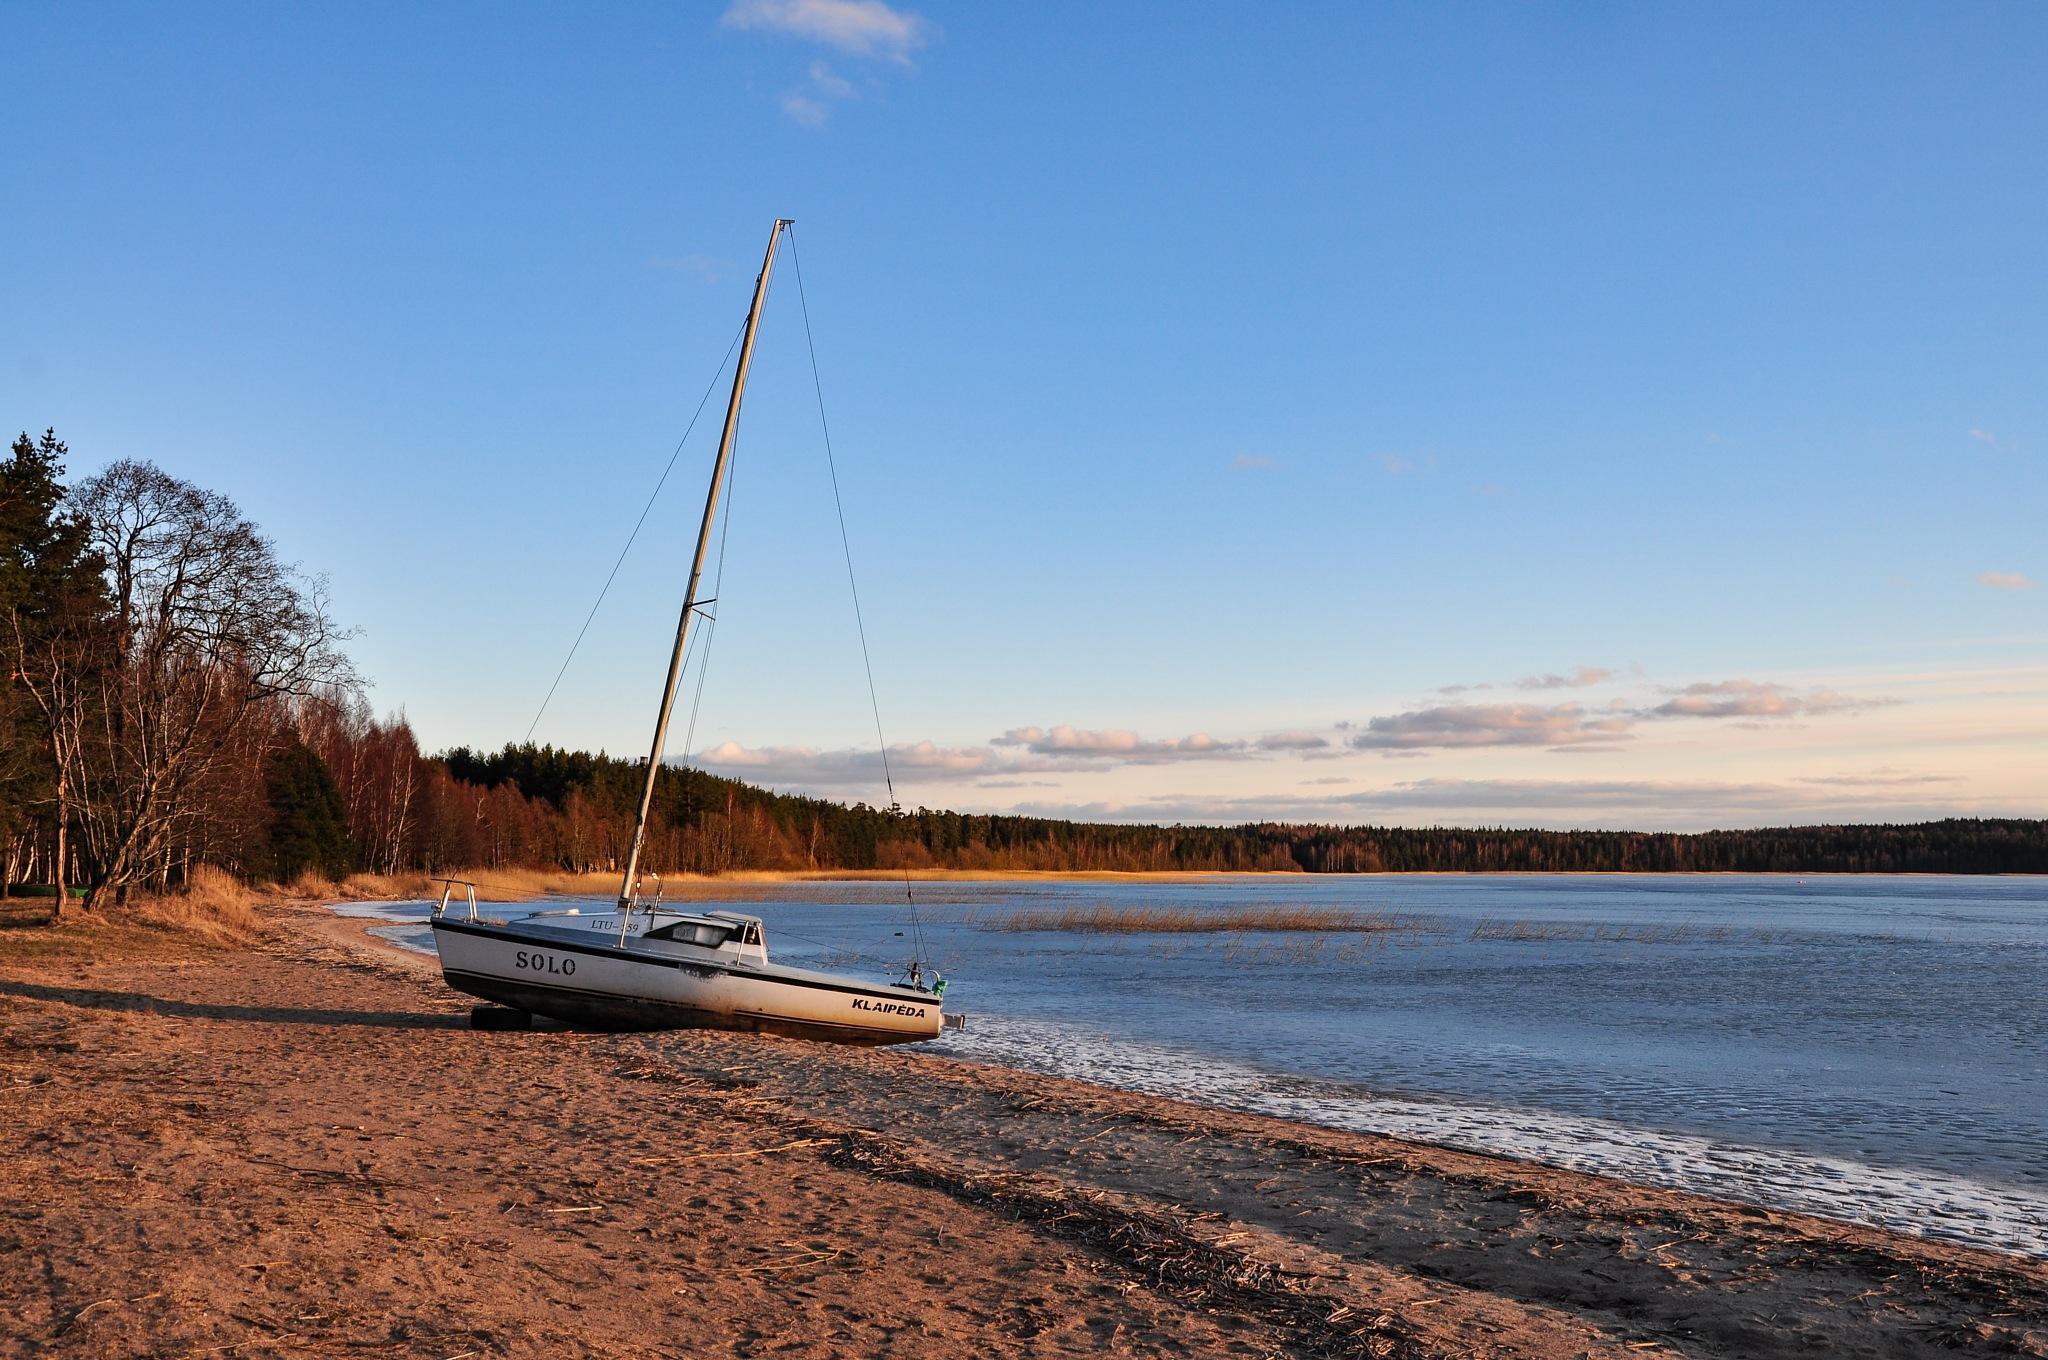 Boat by Irena Gedgaudiene